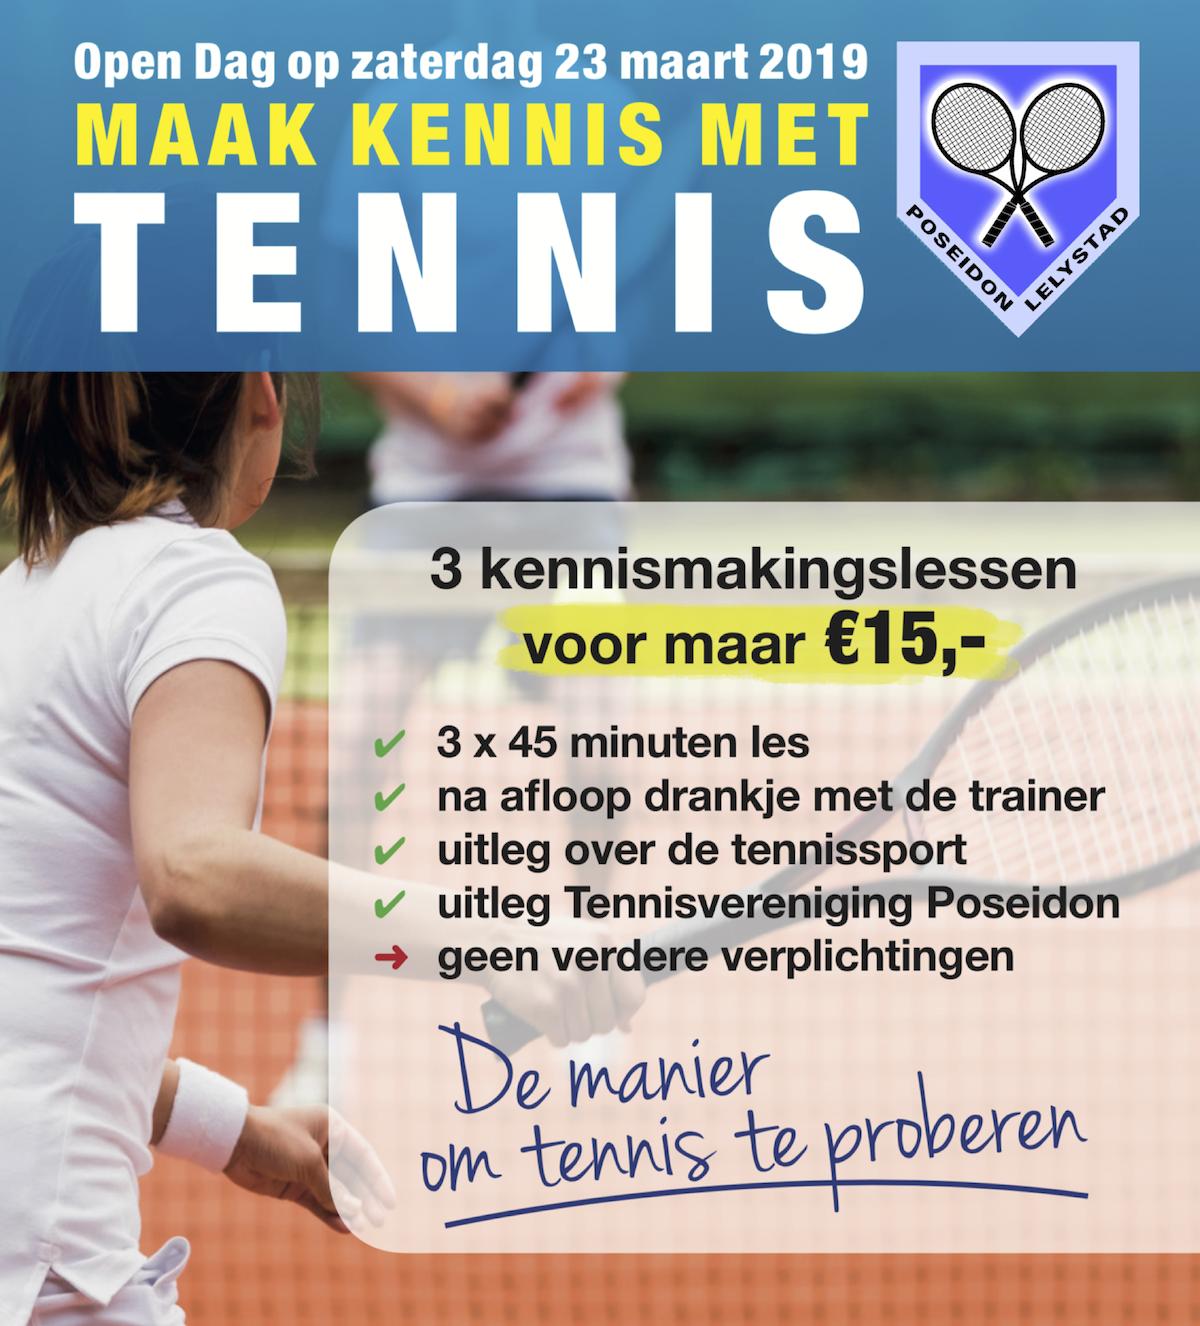 Maak kennis met tennis 2019 FB 1